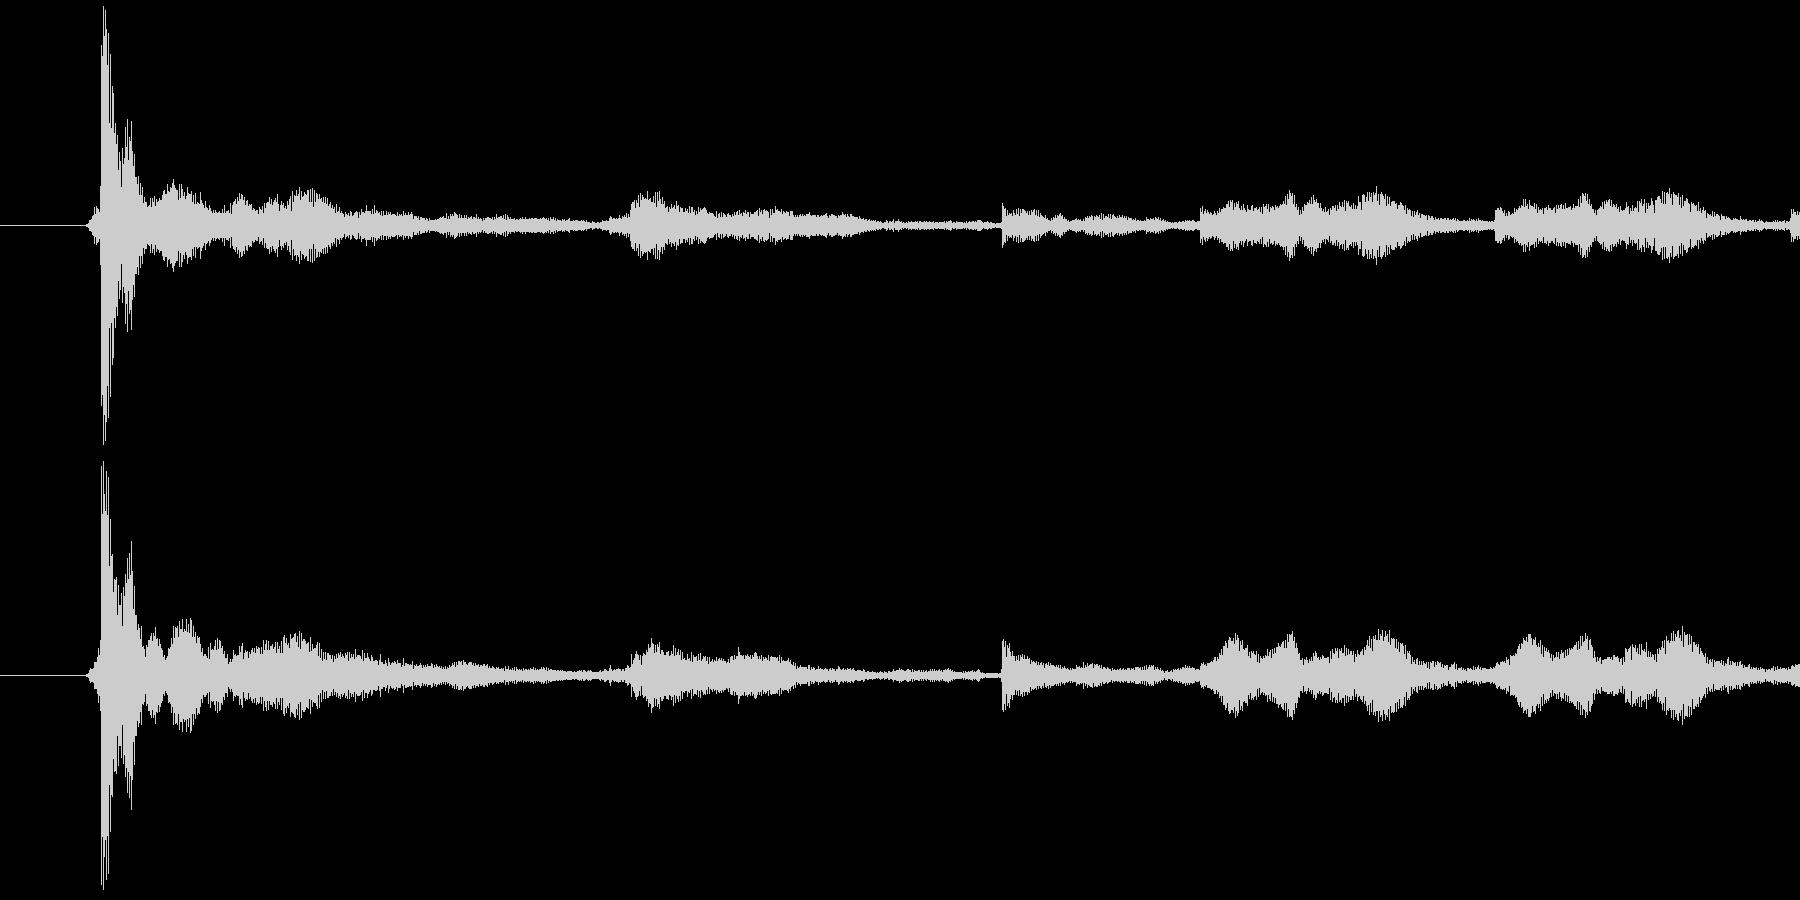 129_鍵を落とす音 チャリーンの未再生の波形